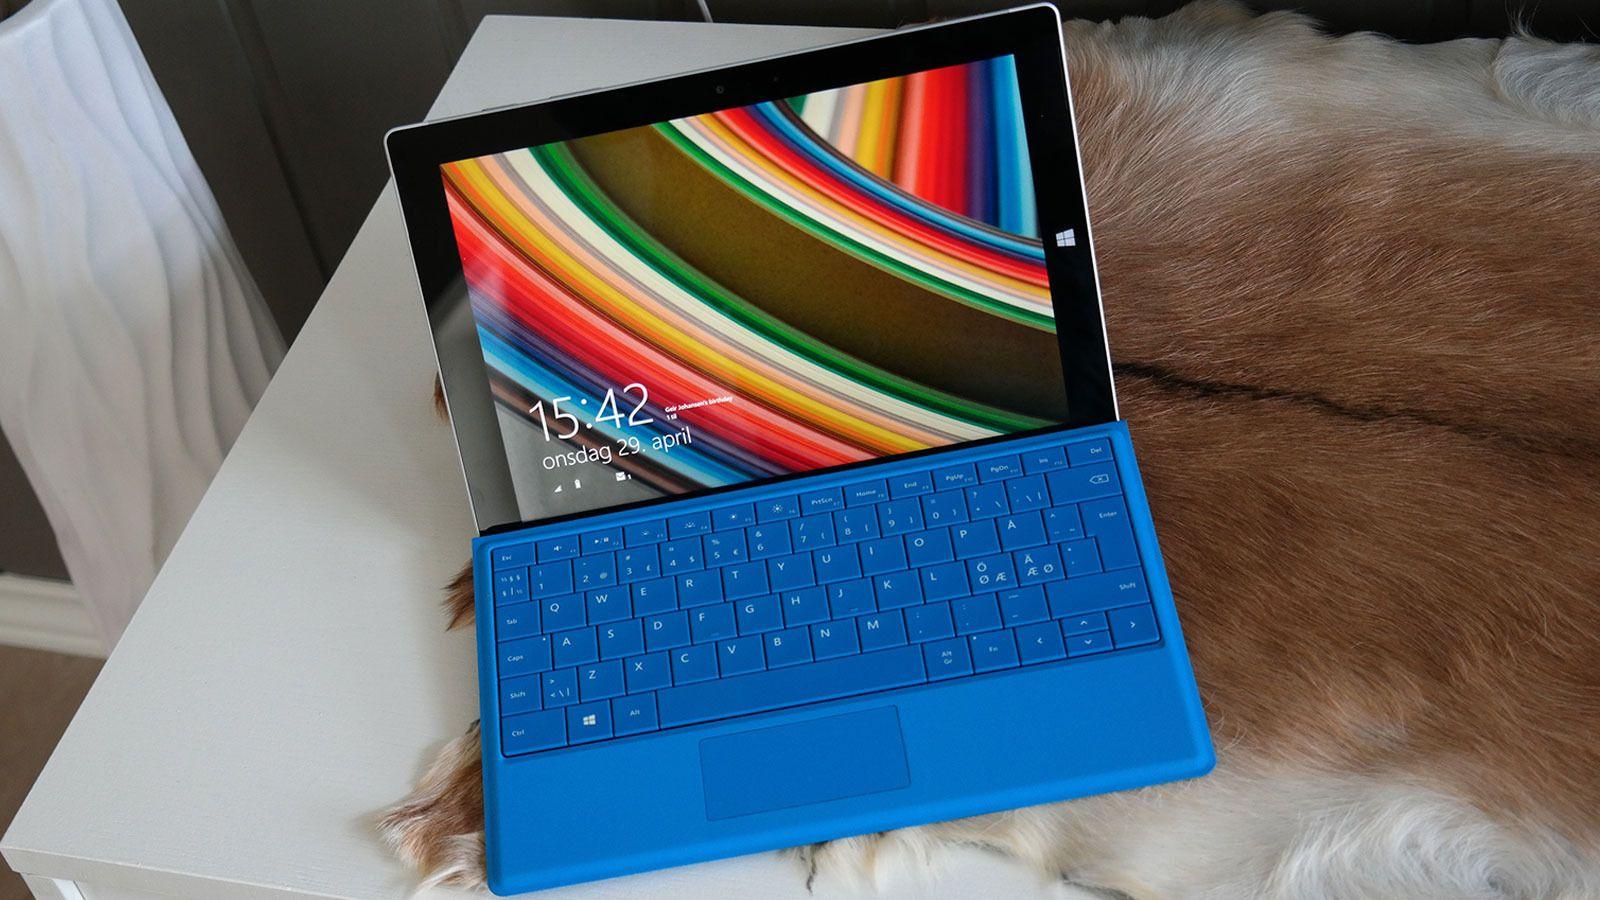 Tastaturet til Surface 3 er ekstrautstyr. Foto: Espen Irwing Swang, Tek.no